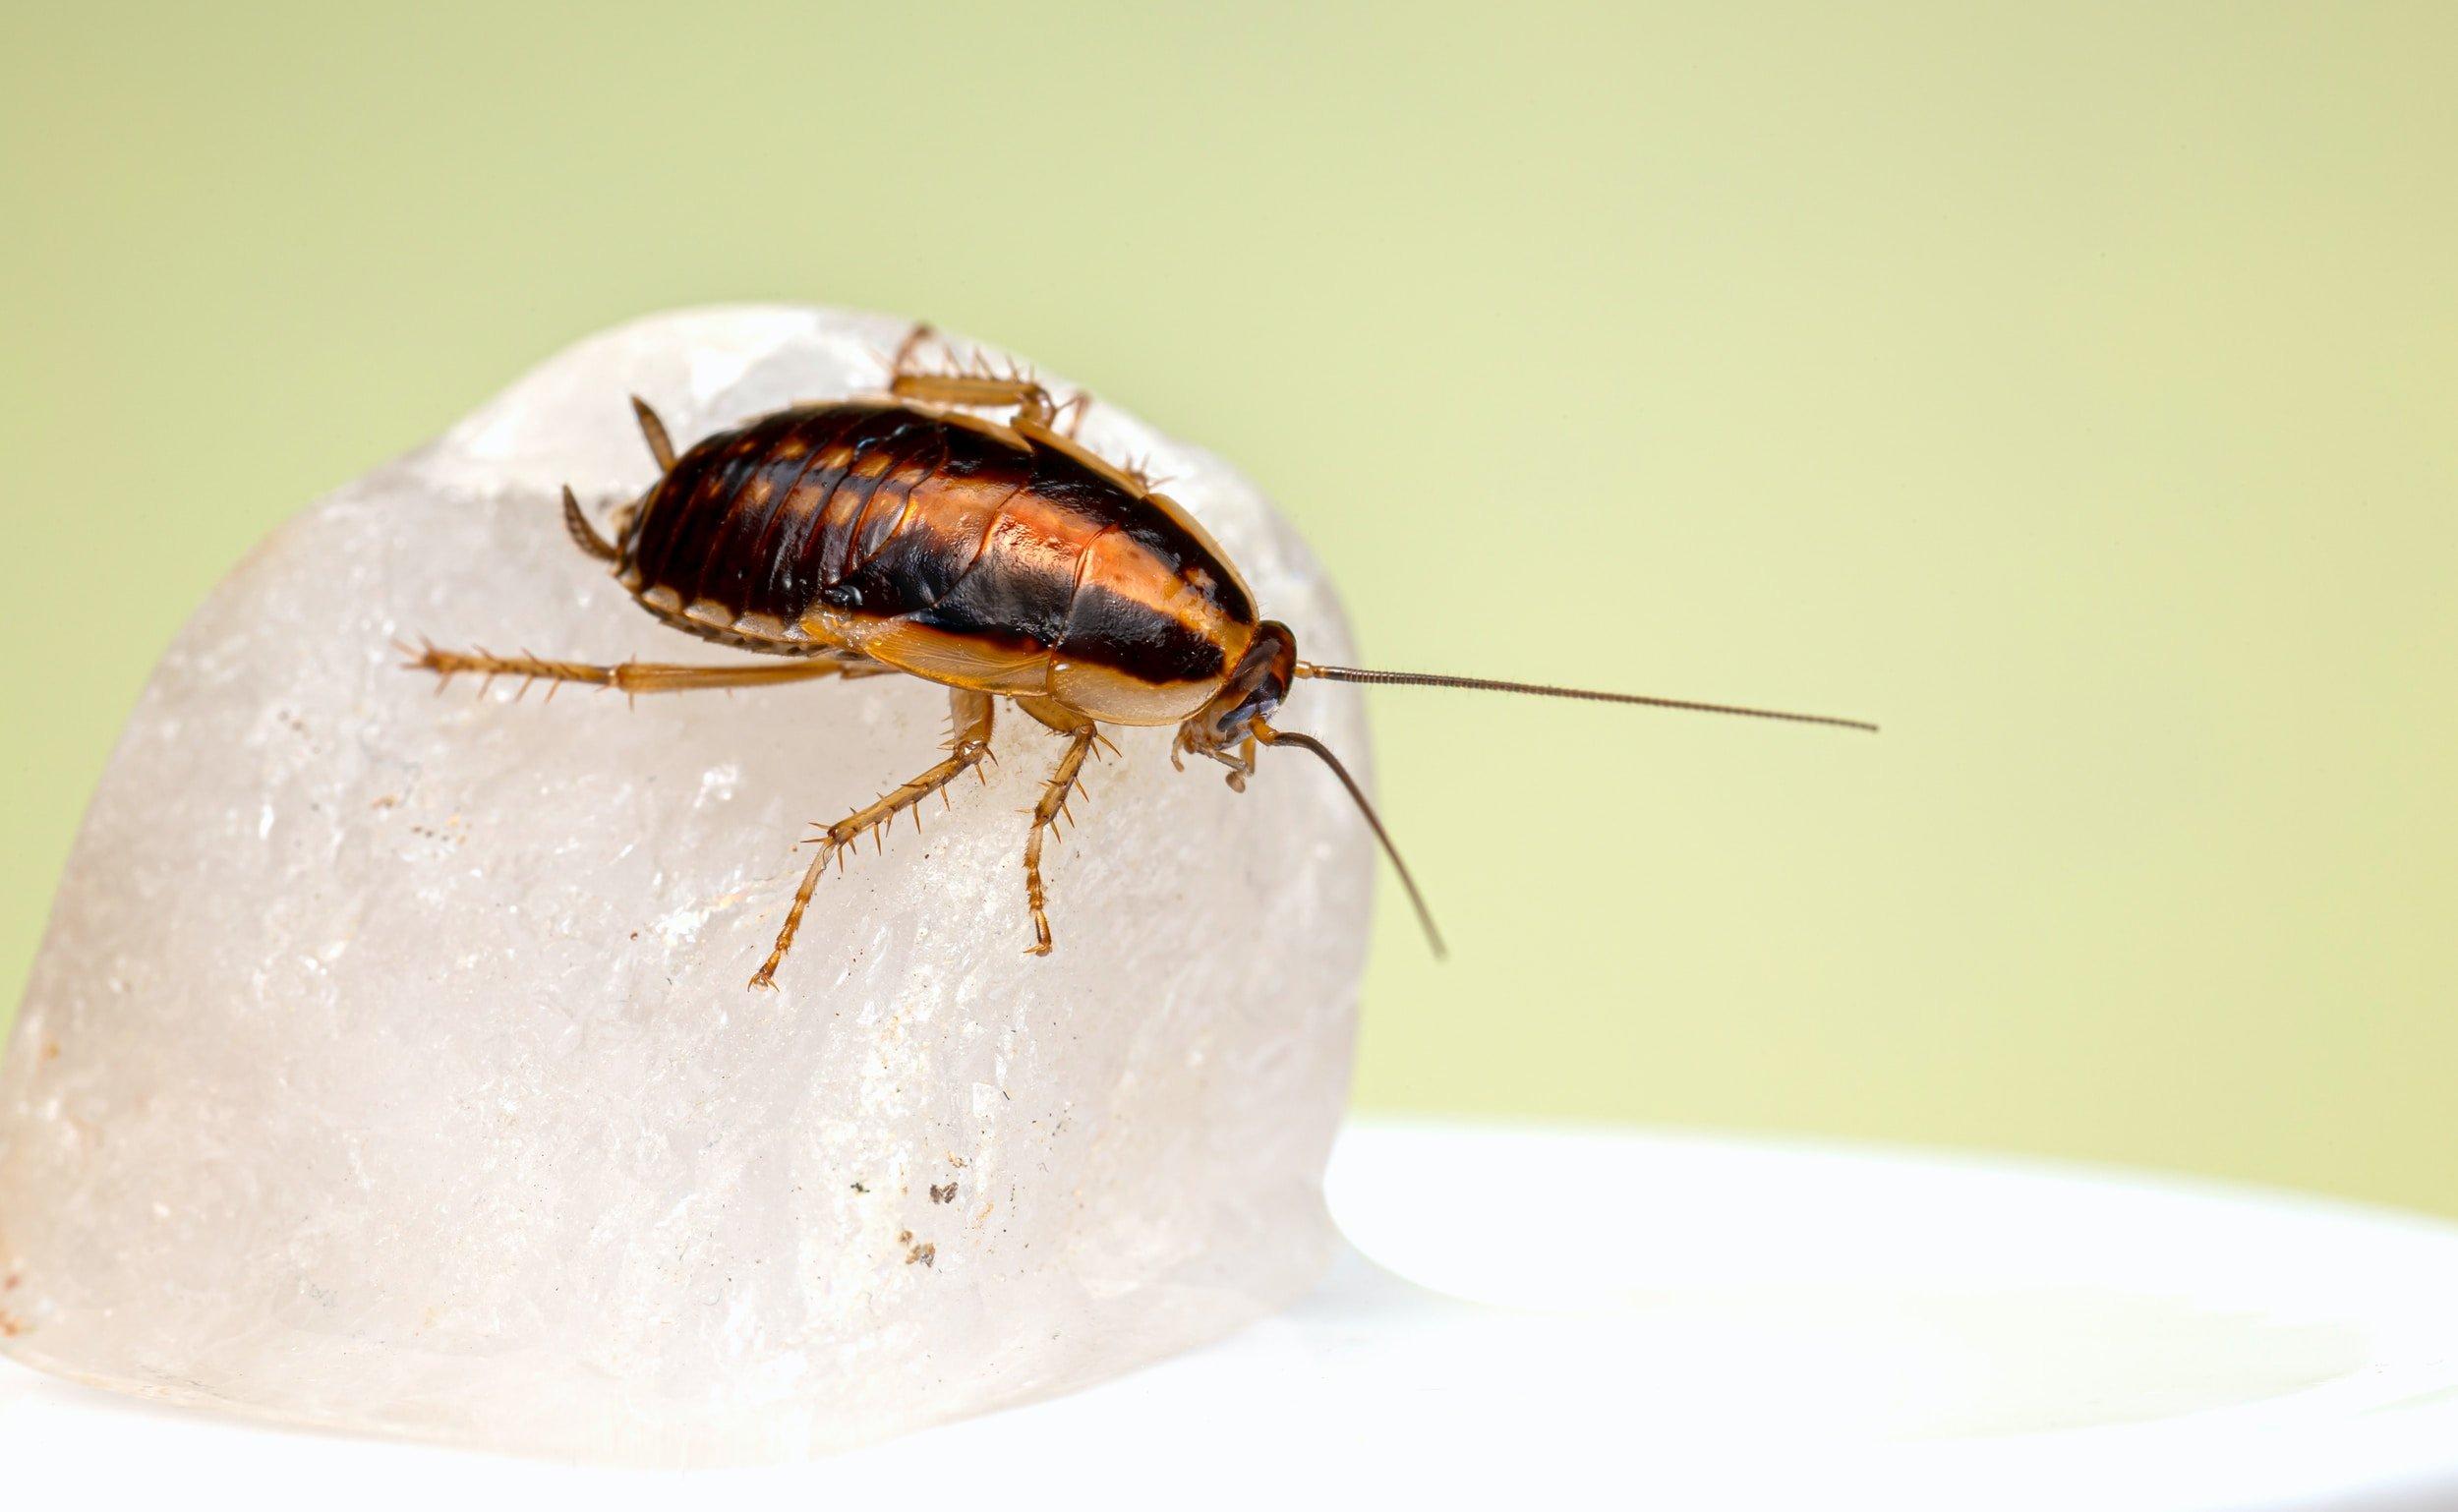 شركة مكافحة حشرات الصراصير في النادي السياحي أبو ظبي